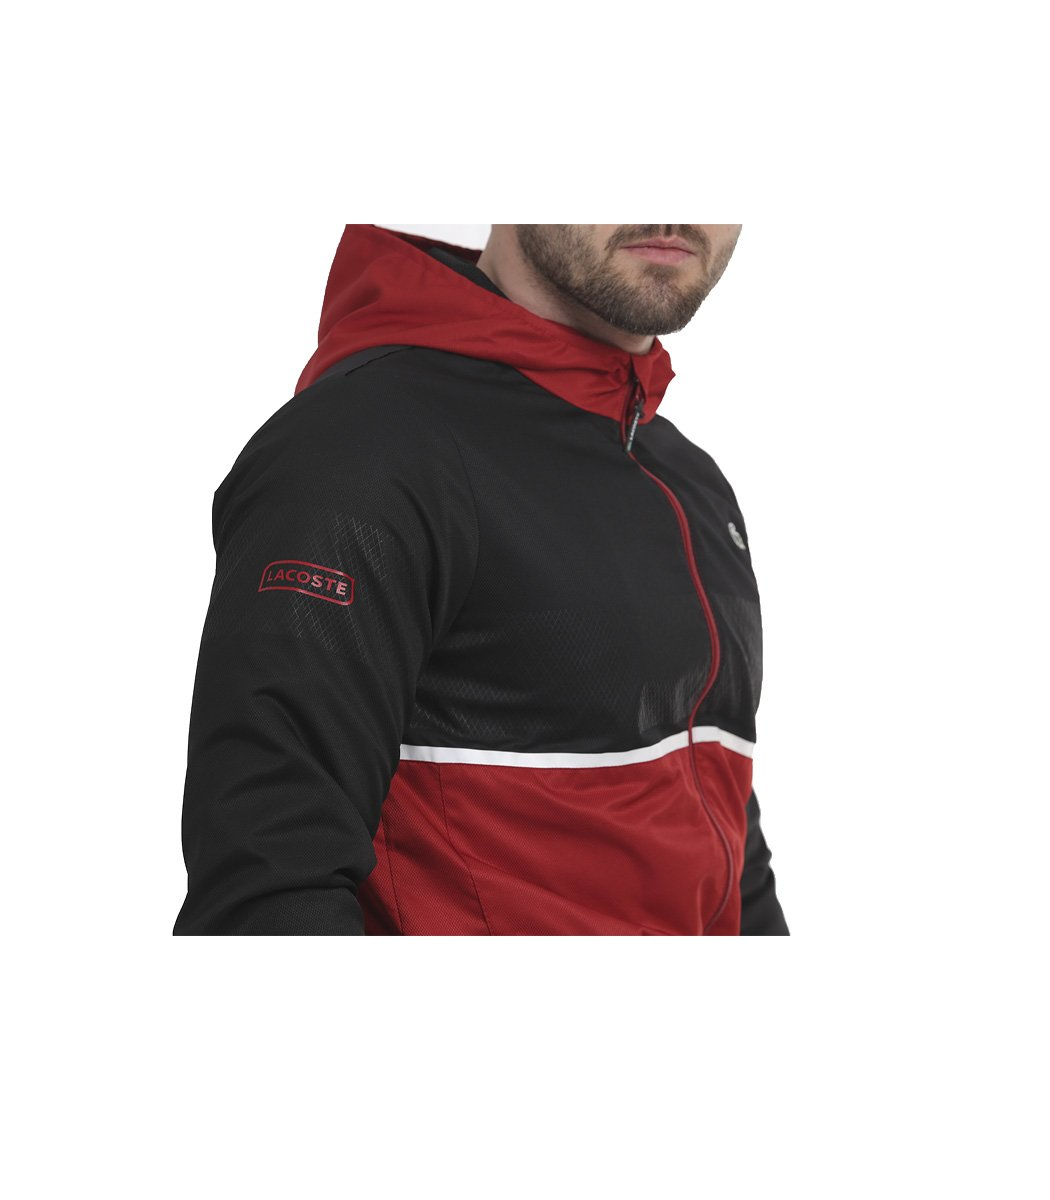 Черно-красный спортивный костюм с капюшоном Lacoste - Черный/красный - Вид 6